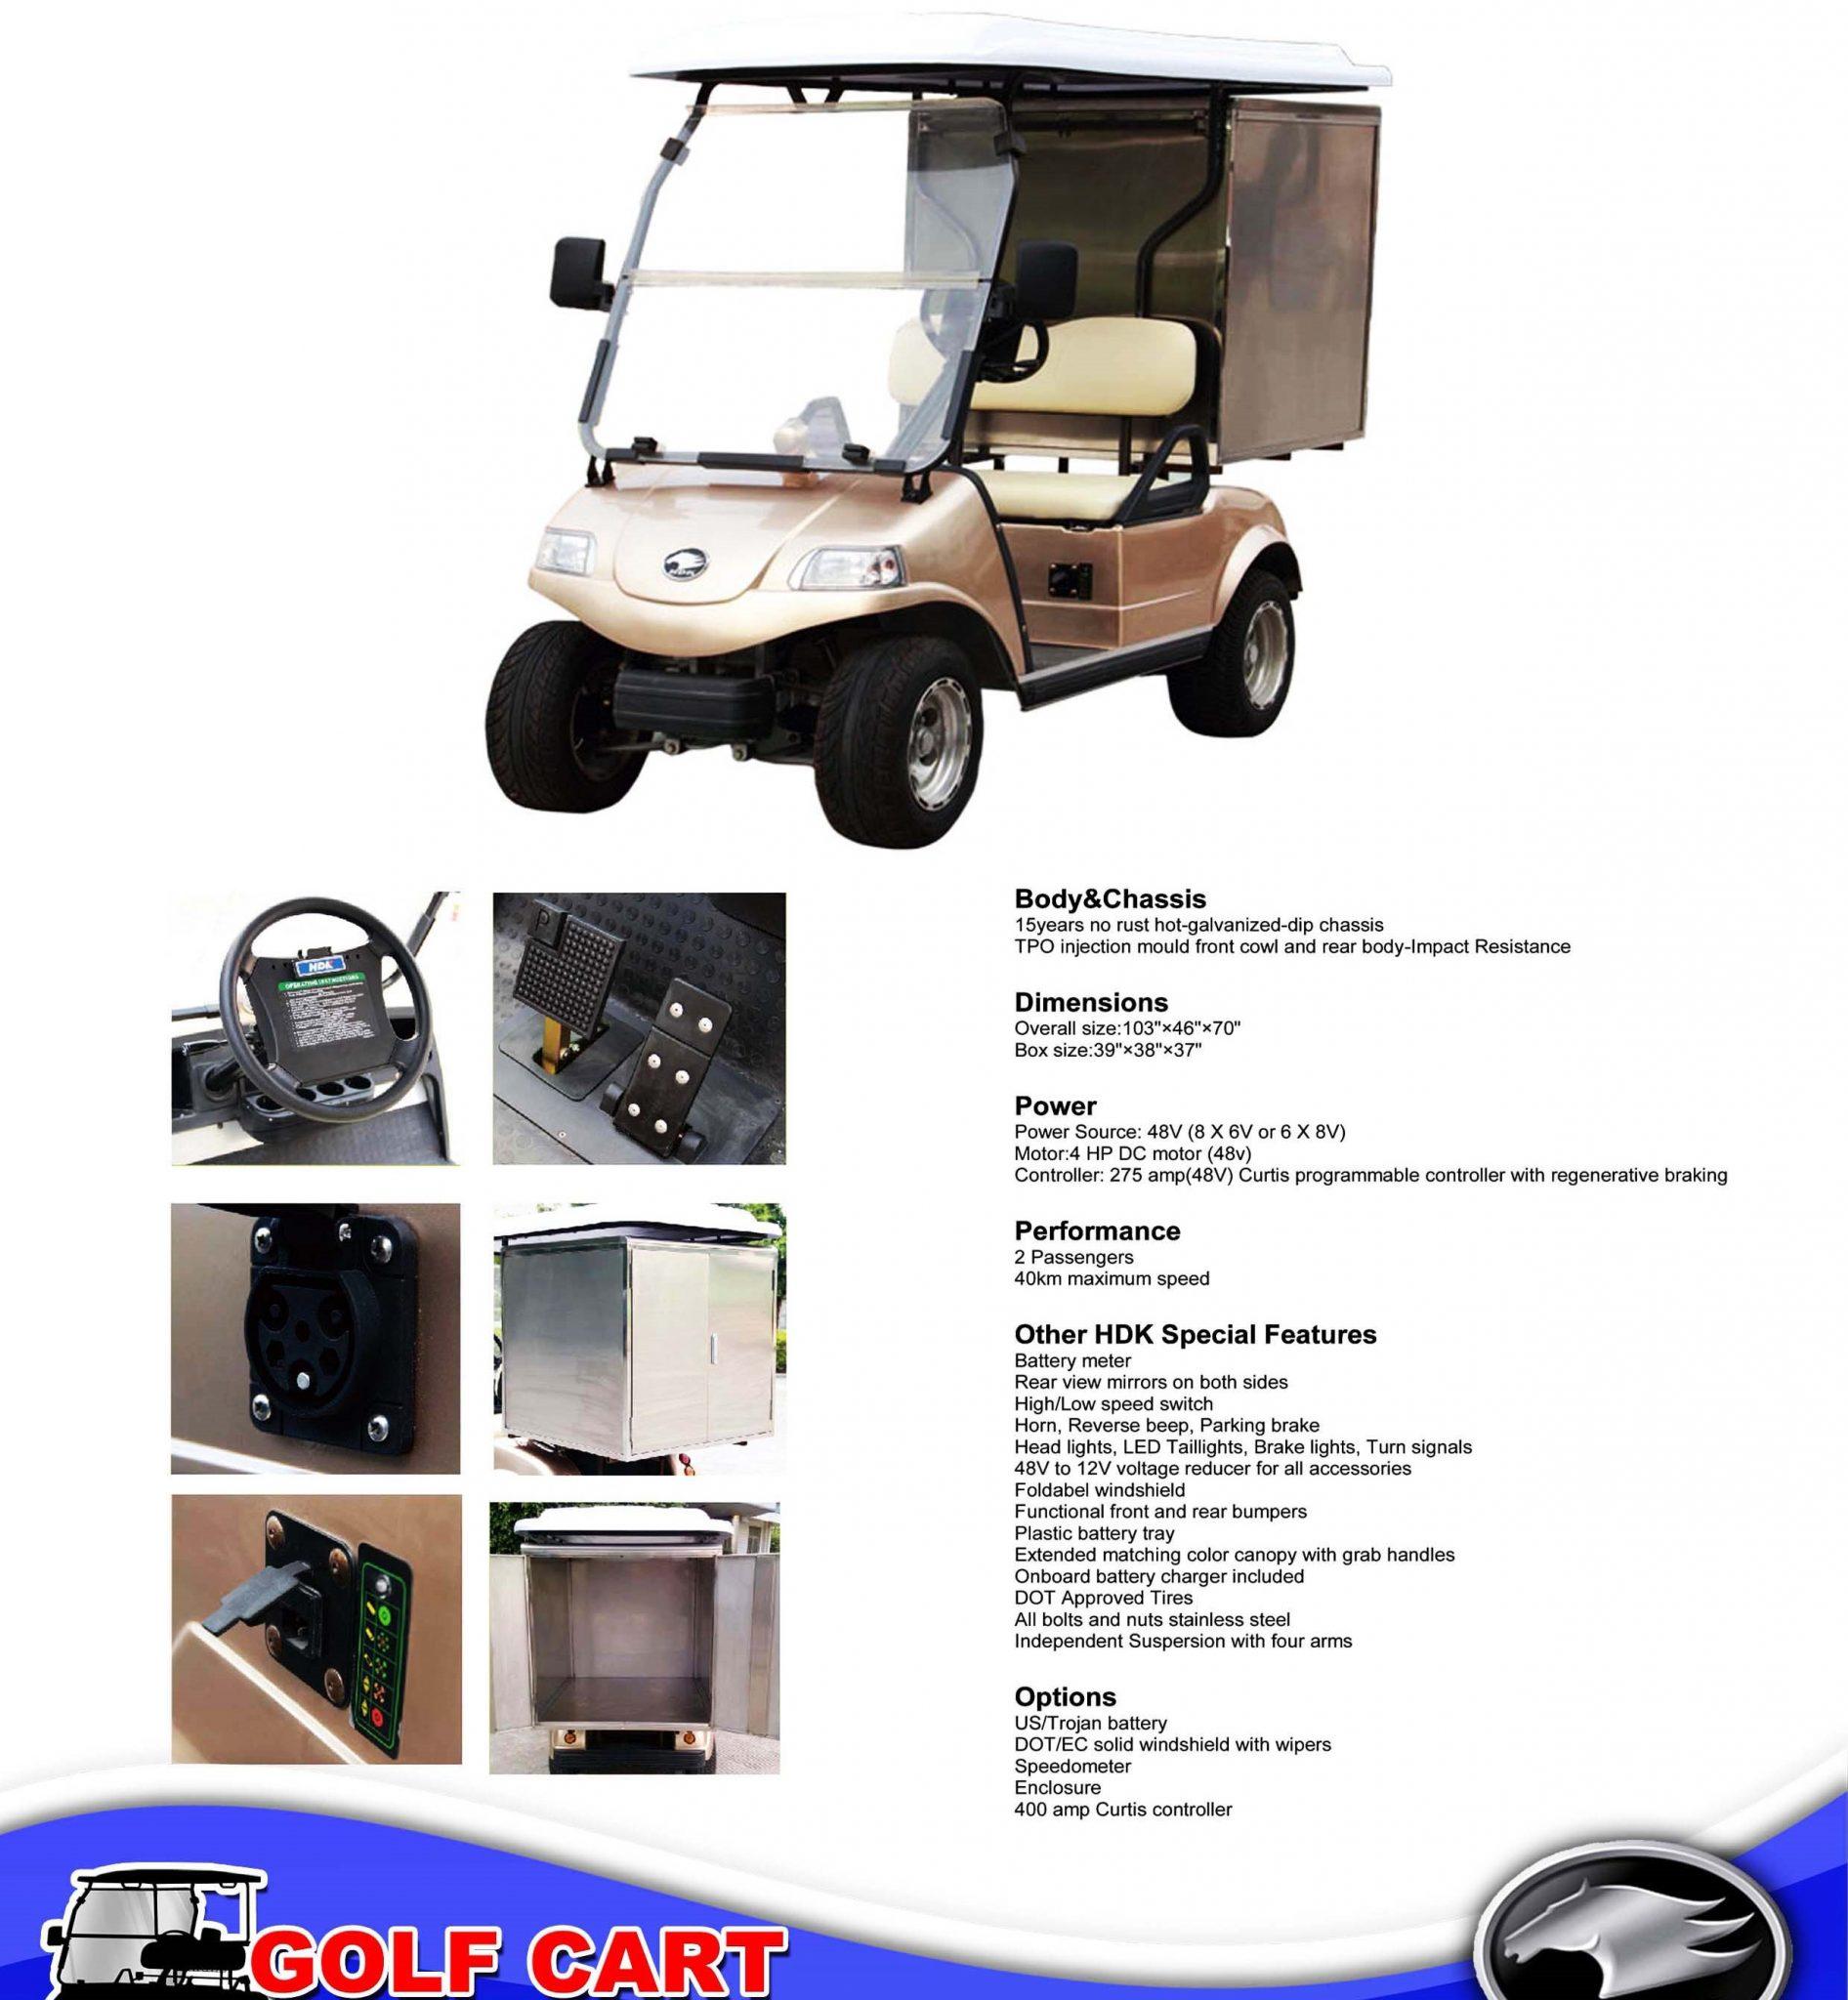 Hdk Golf Cart Wiring Diagram 48v Ez Go Battery 12v 8 Volt Ke Light Switch Topsimagescom